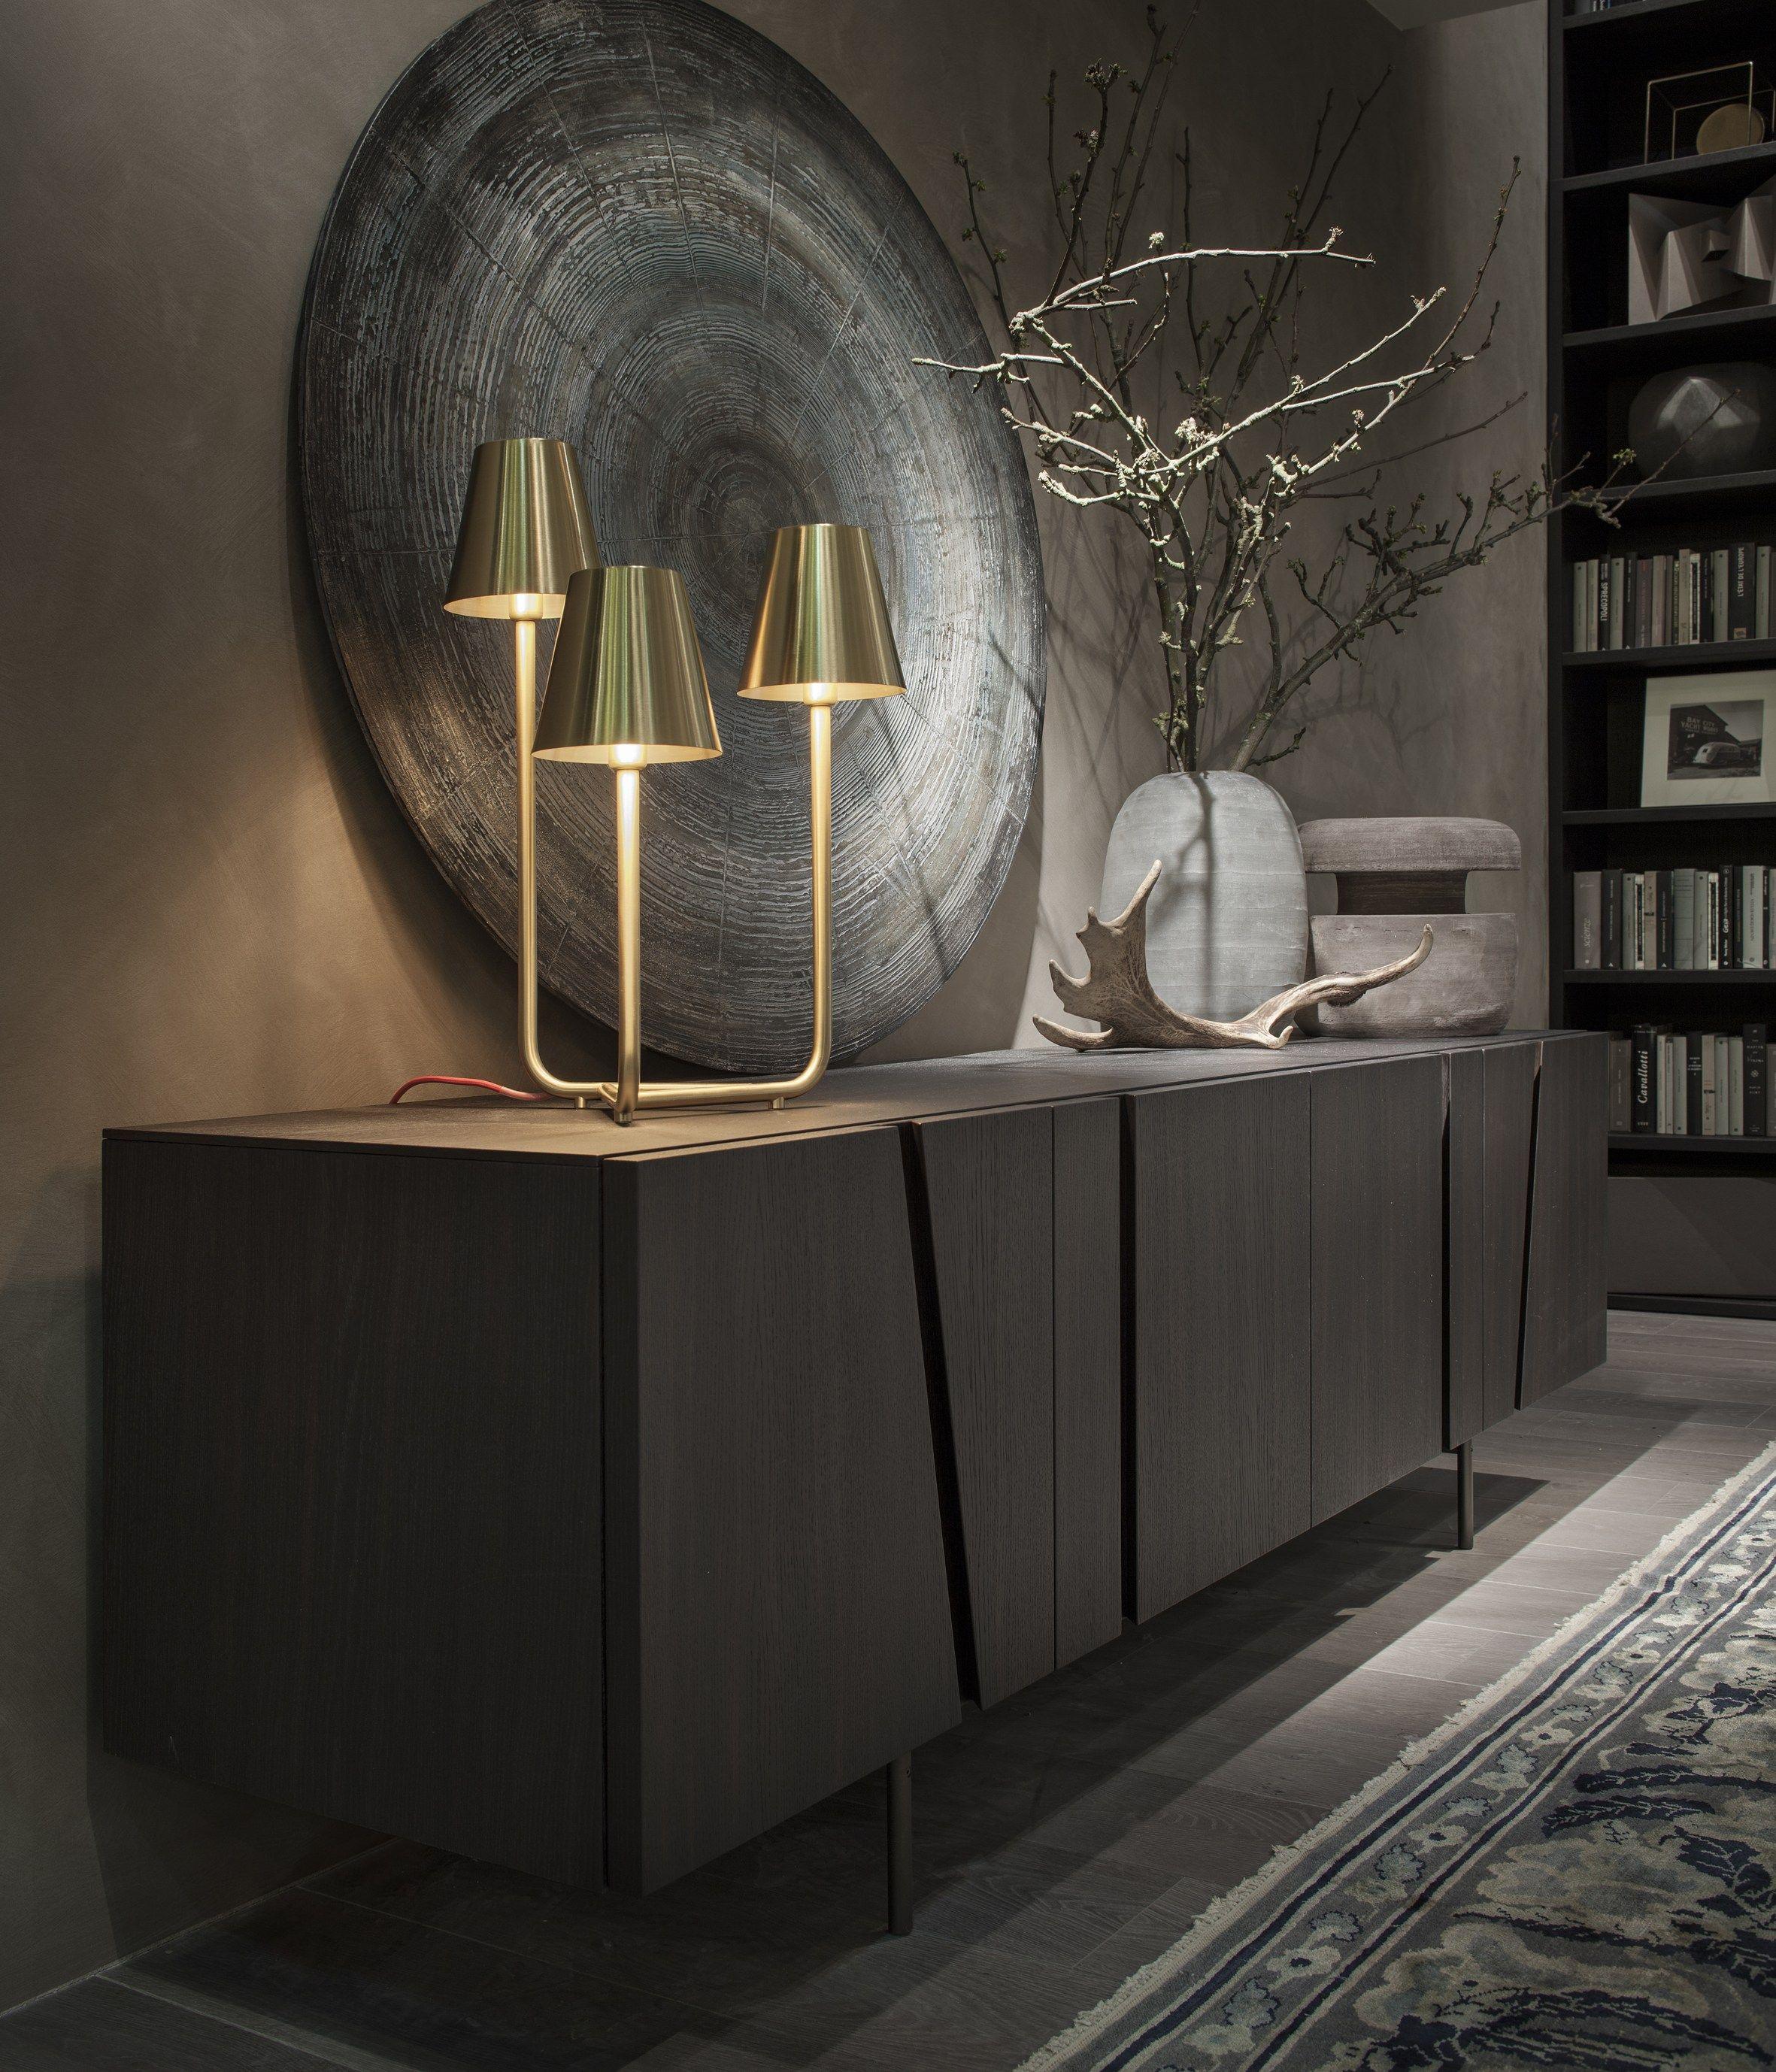 Messing Sideboard Wohndesign Wohnzimmer Ideen Brabbu